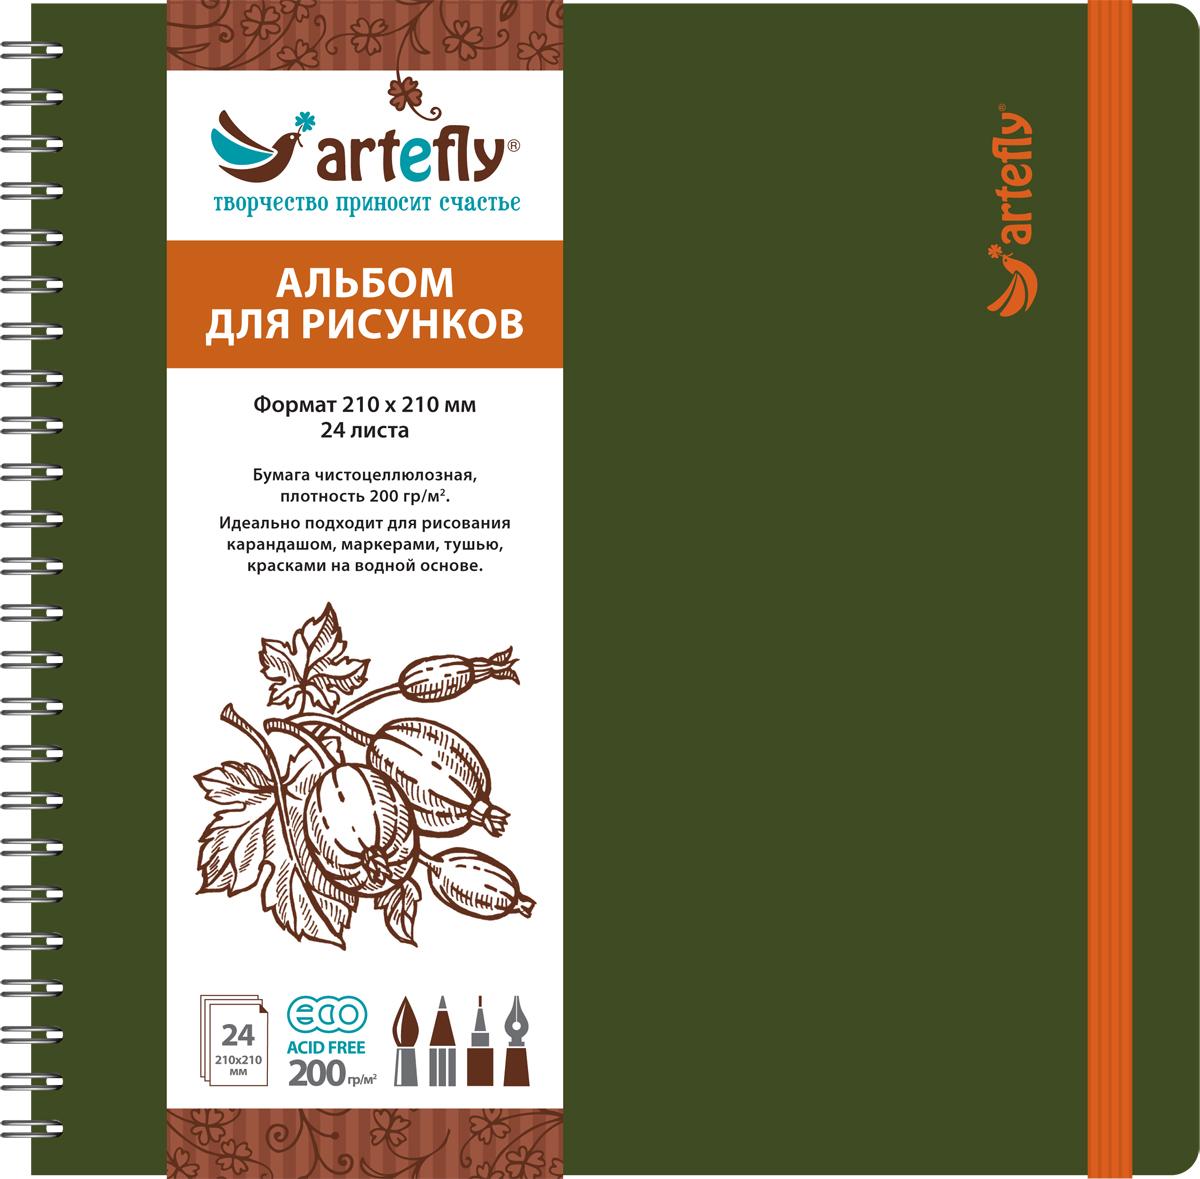 Artefly Альбом для рисования 24 листа цвет зеленый AFNB-225372523WDАльбом идеально подходит для рисования в нем карандашом, маркерами, тушью, красками на водной основе. Удобная эластичная застежка защитит Вашу записную книжку. Переплет на спирали делает альбом еще более удобным и позволяет с легкостью переворачивать страницы.